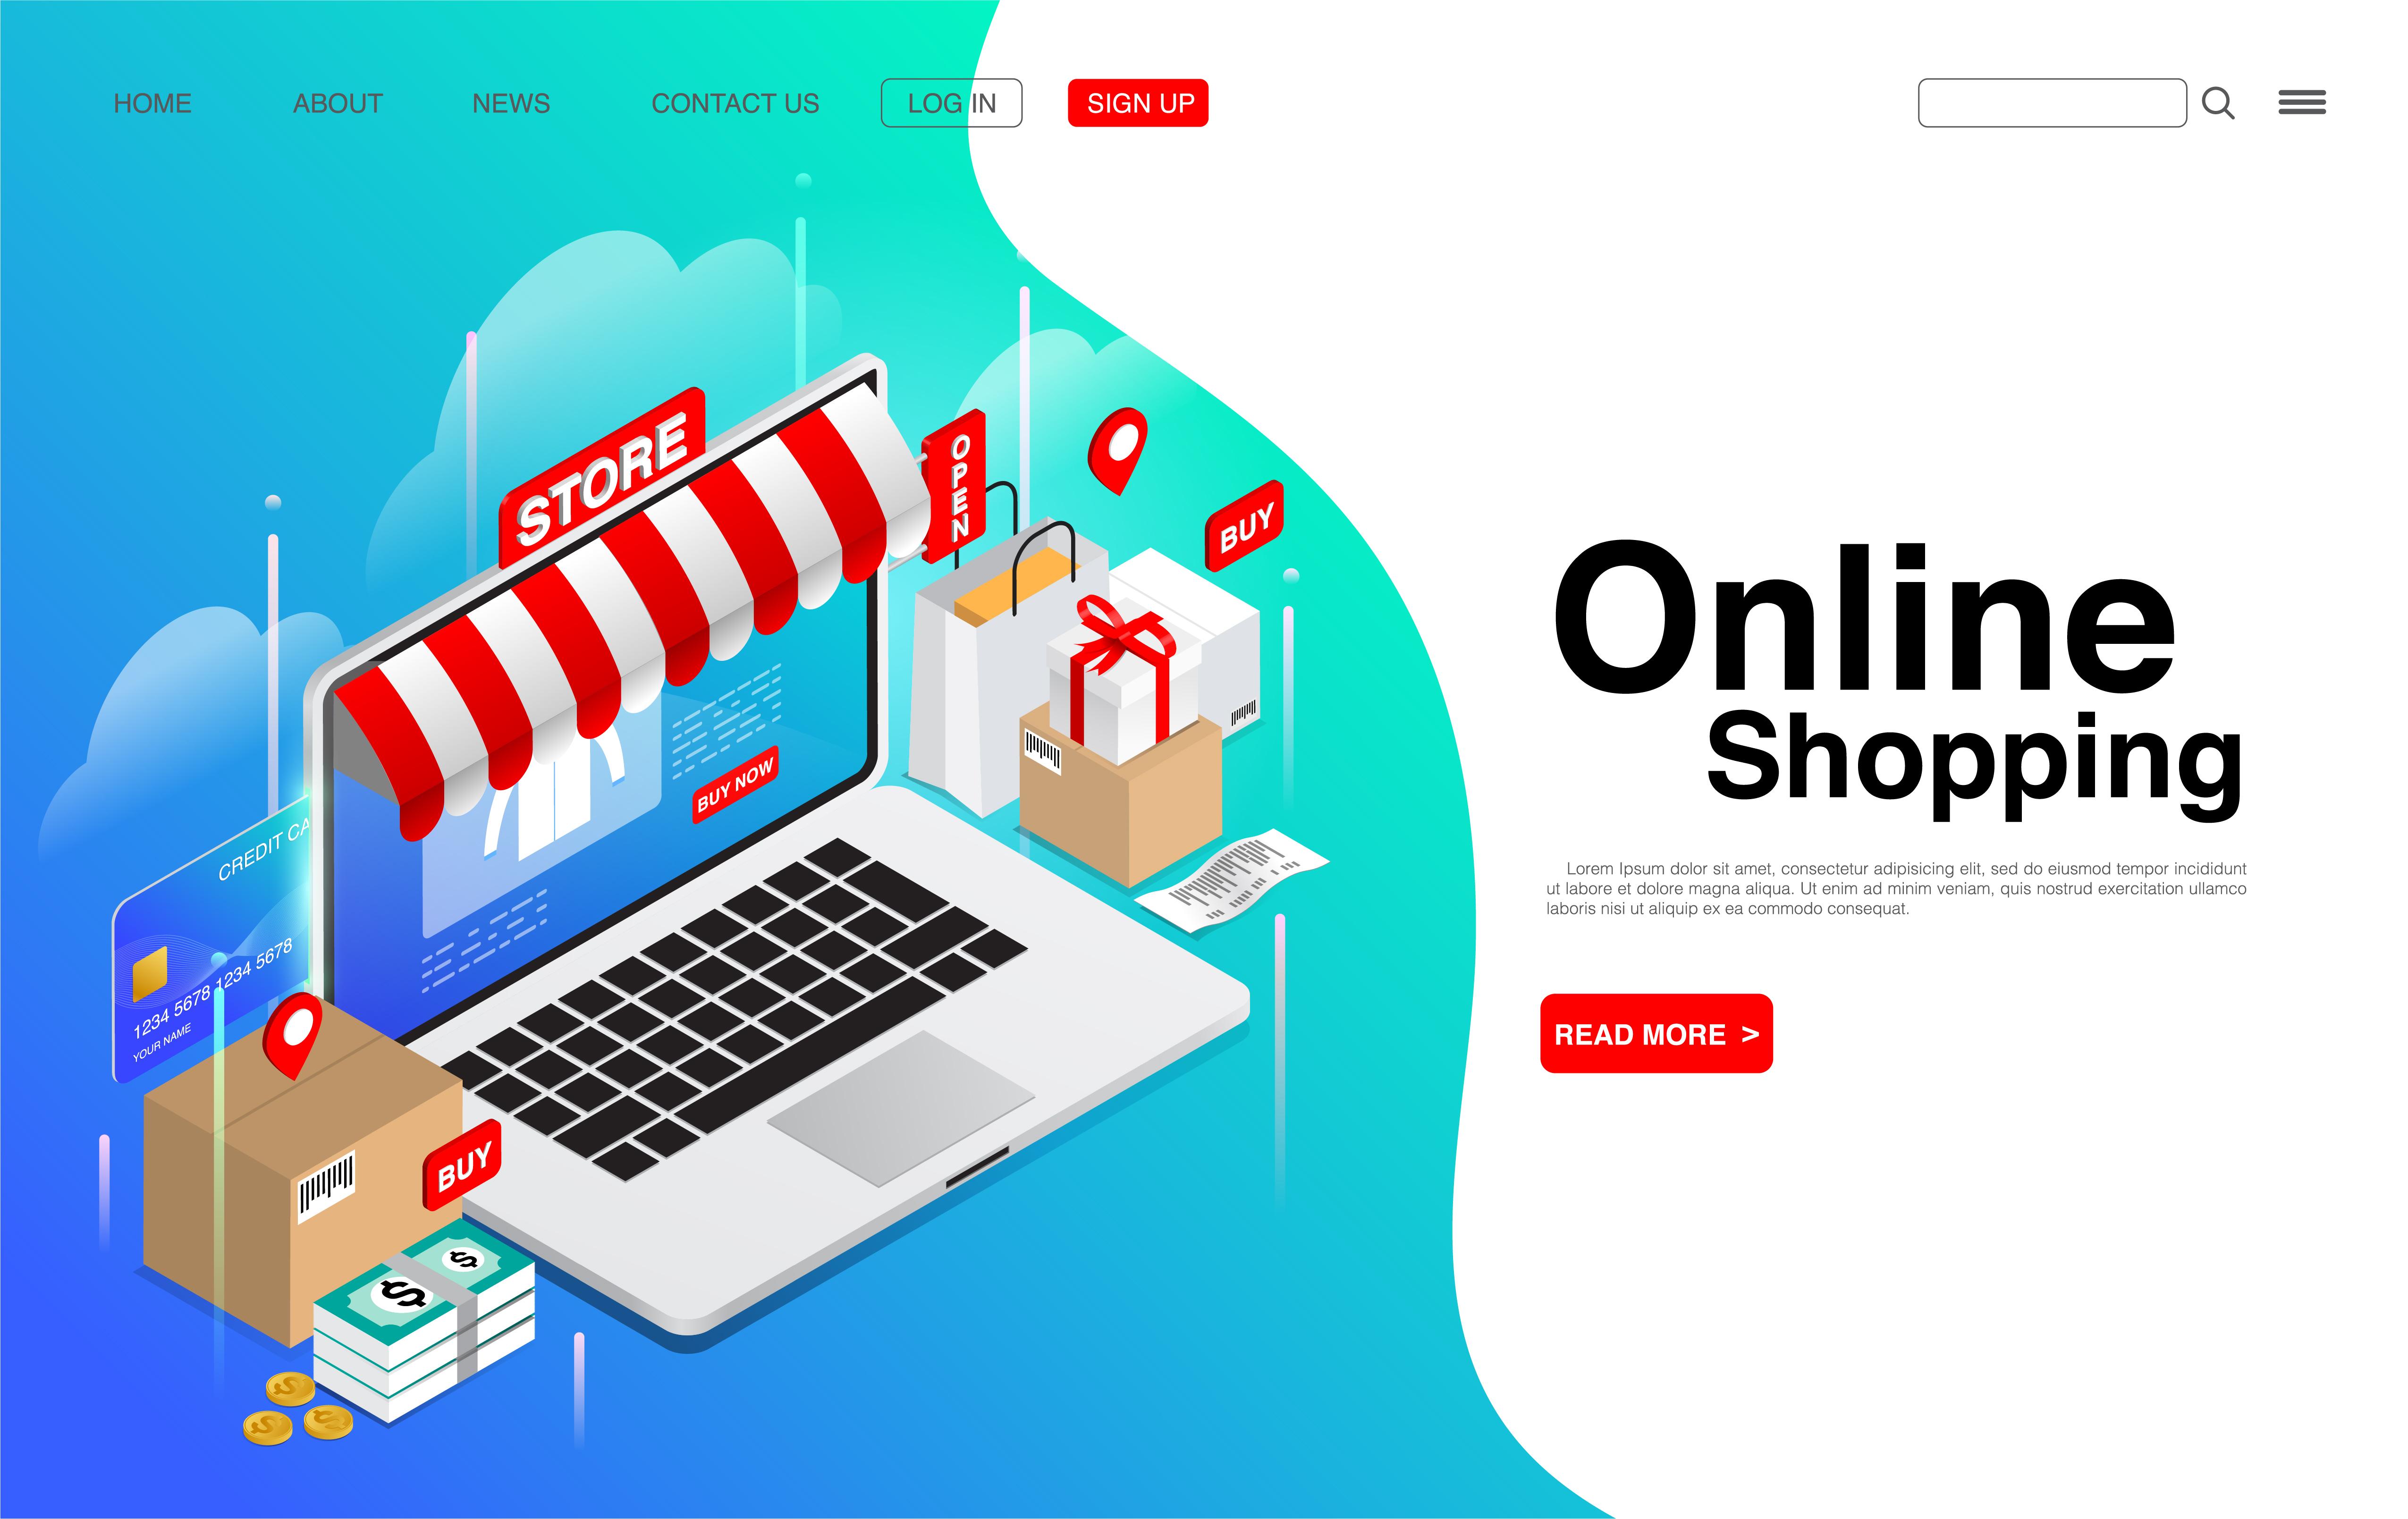 compras en línea en la página de inicio de la computadora portátil